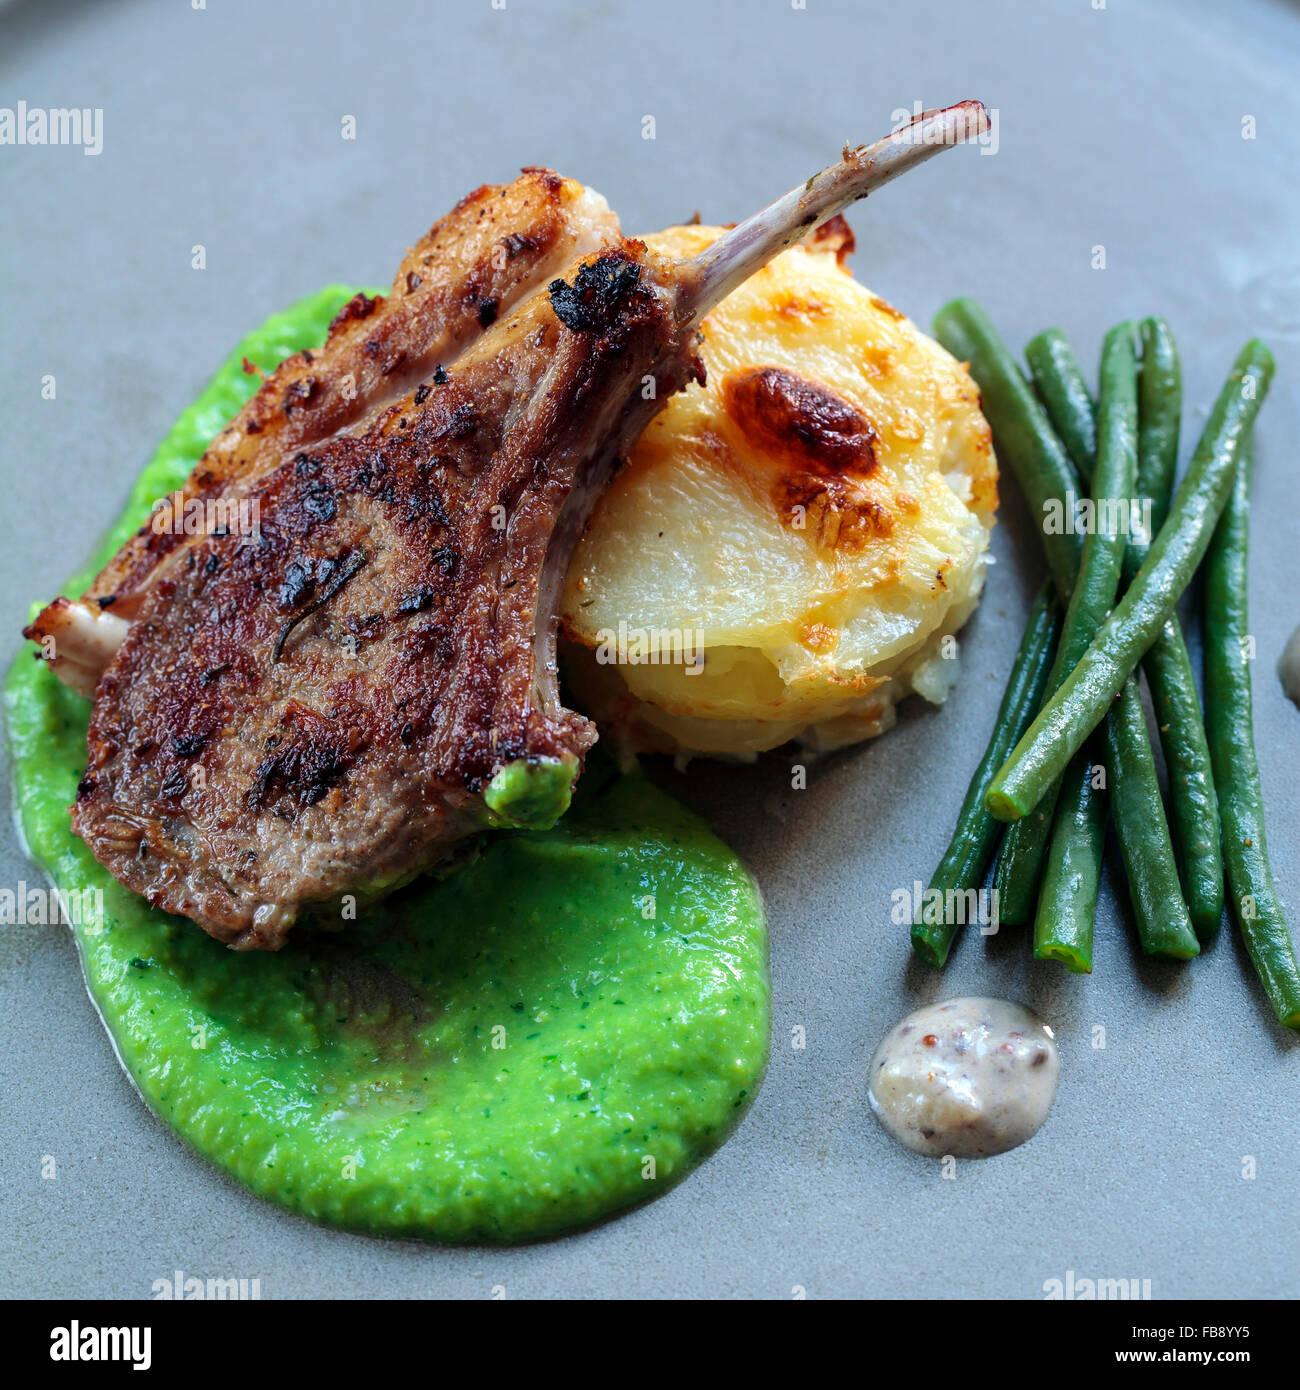 Côtelettes d'agneau avec des petits pois et purée de pommes de terre dauphinoise Photo Stock